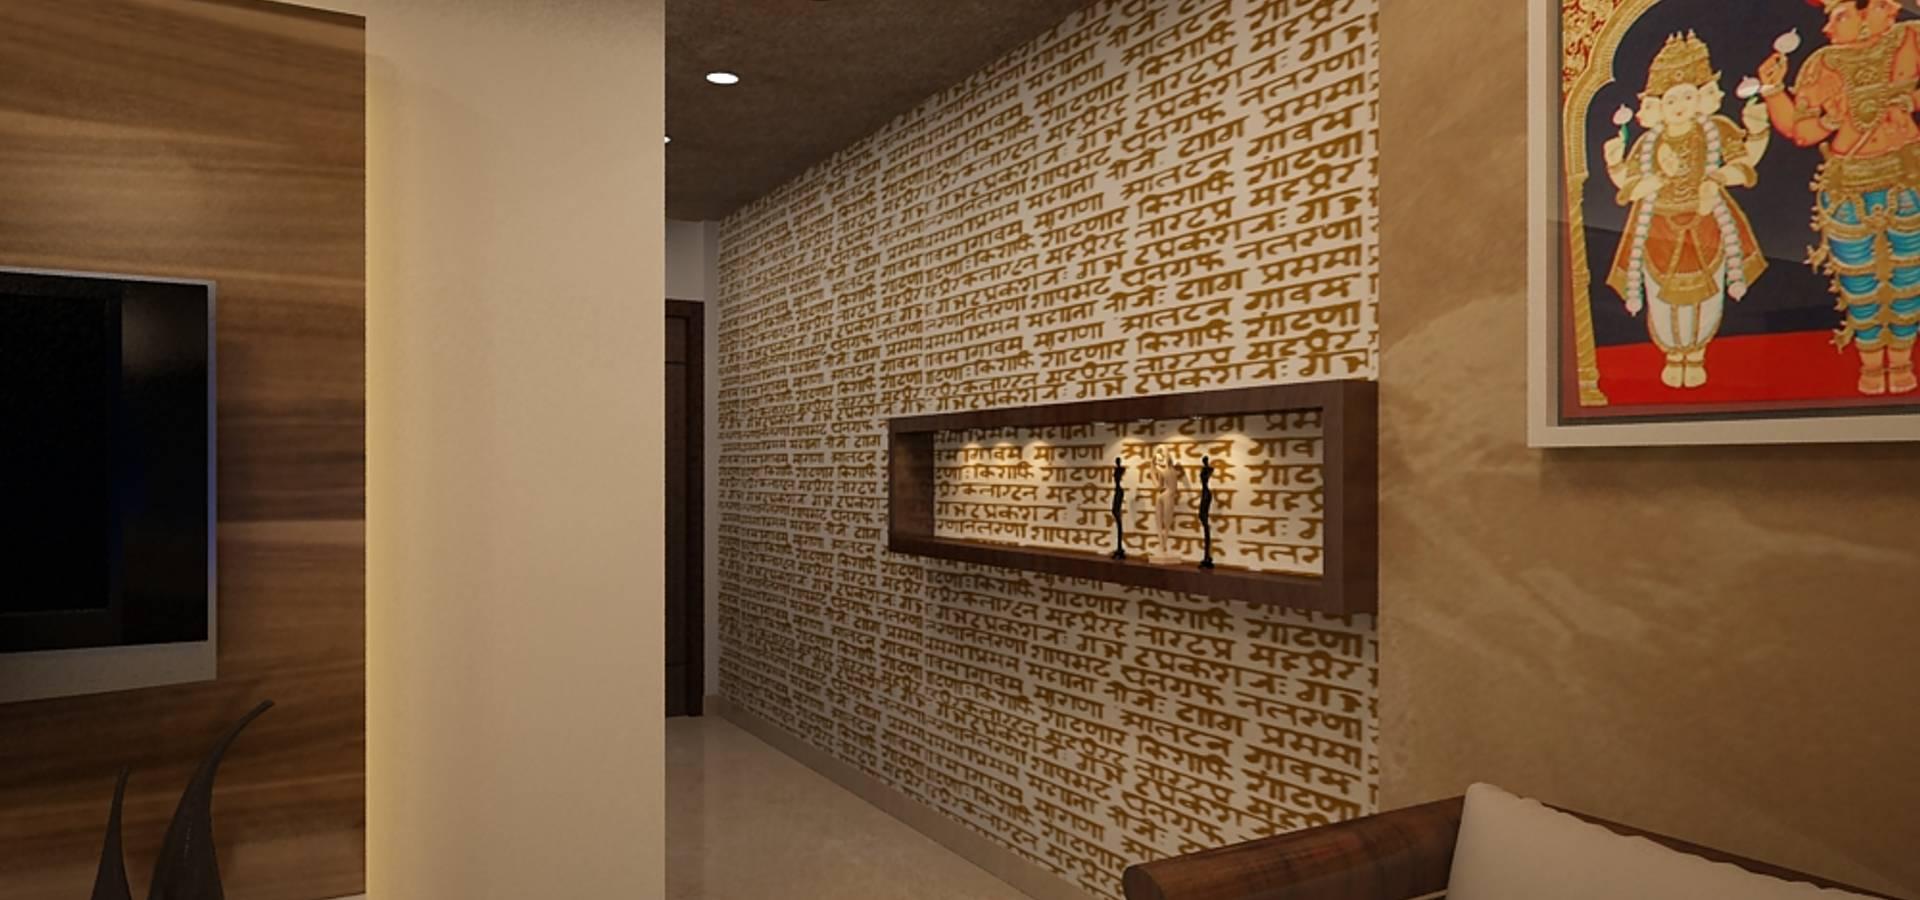 Prism Architects & Interior Designers